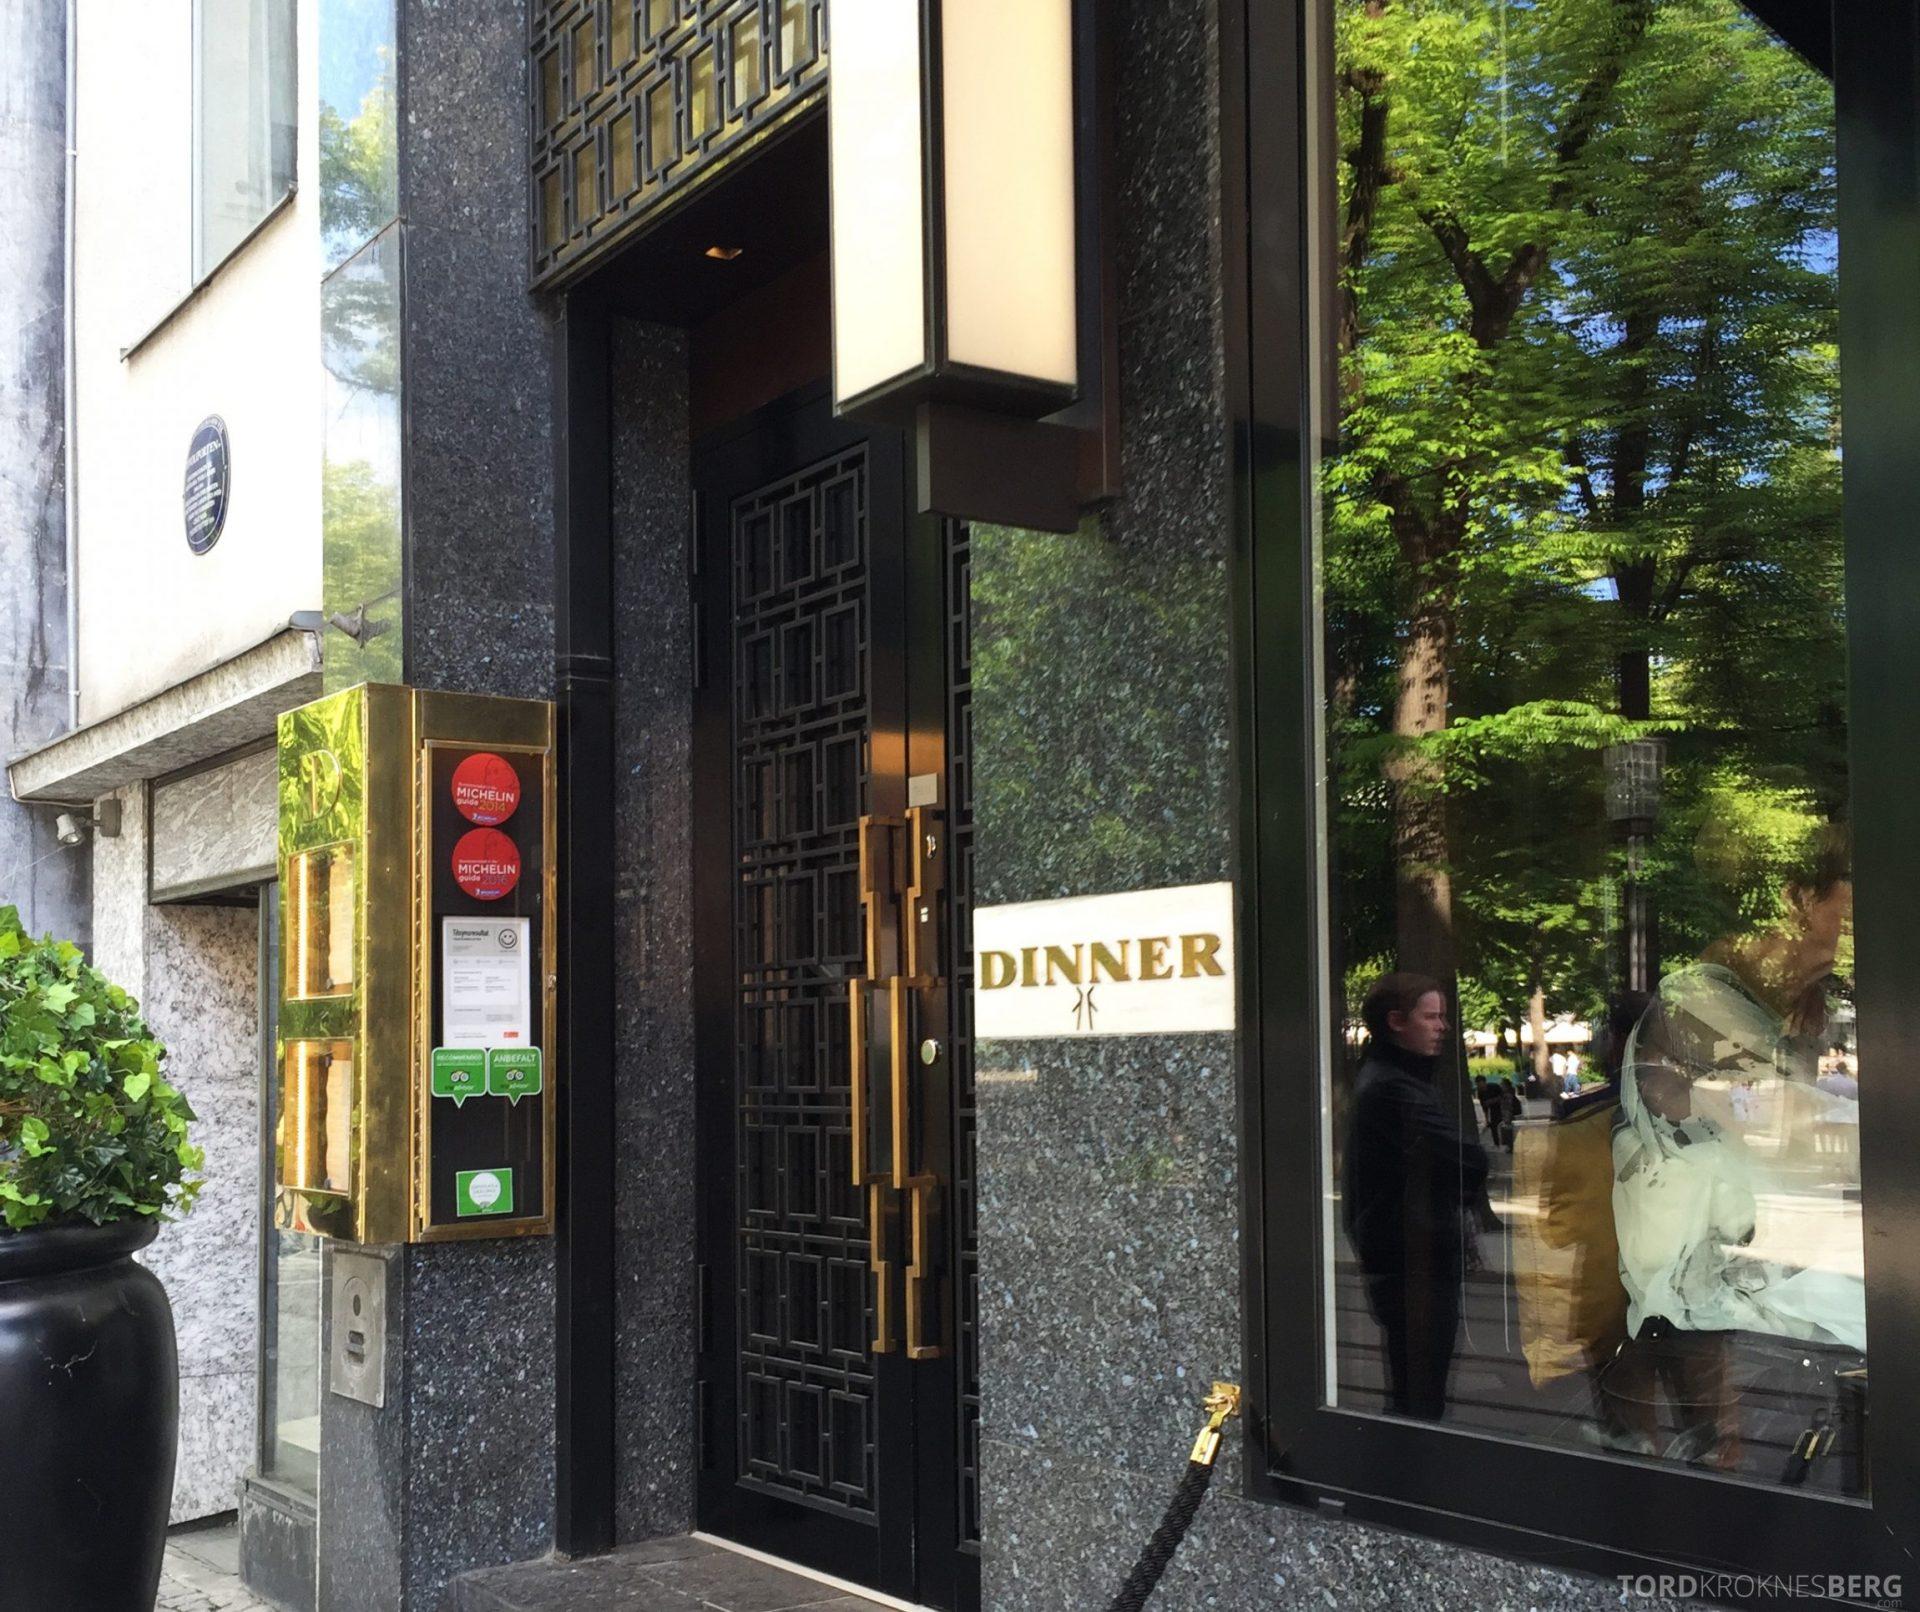 Restaurant Dinner i Oslo